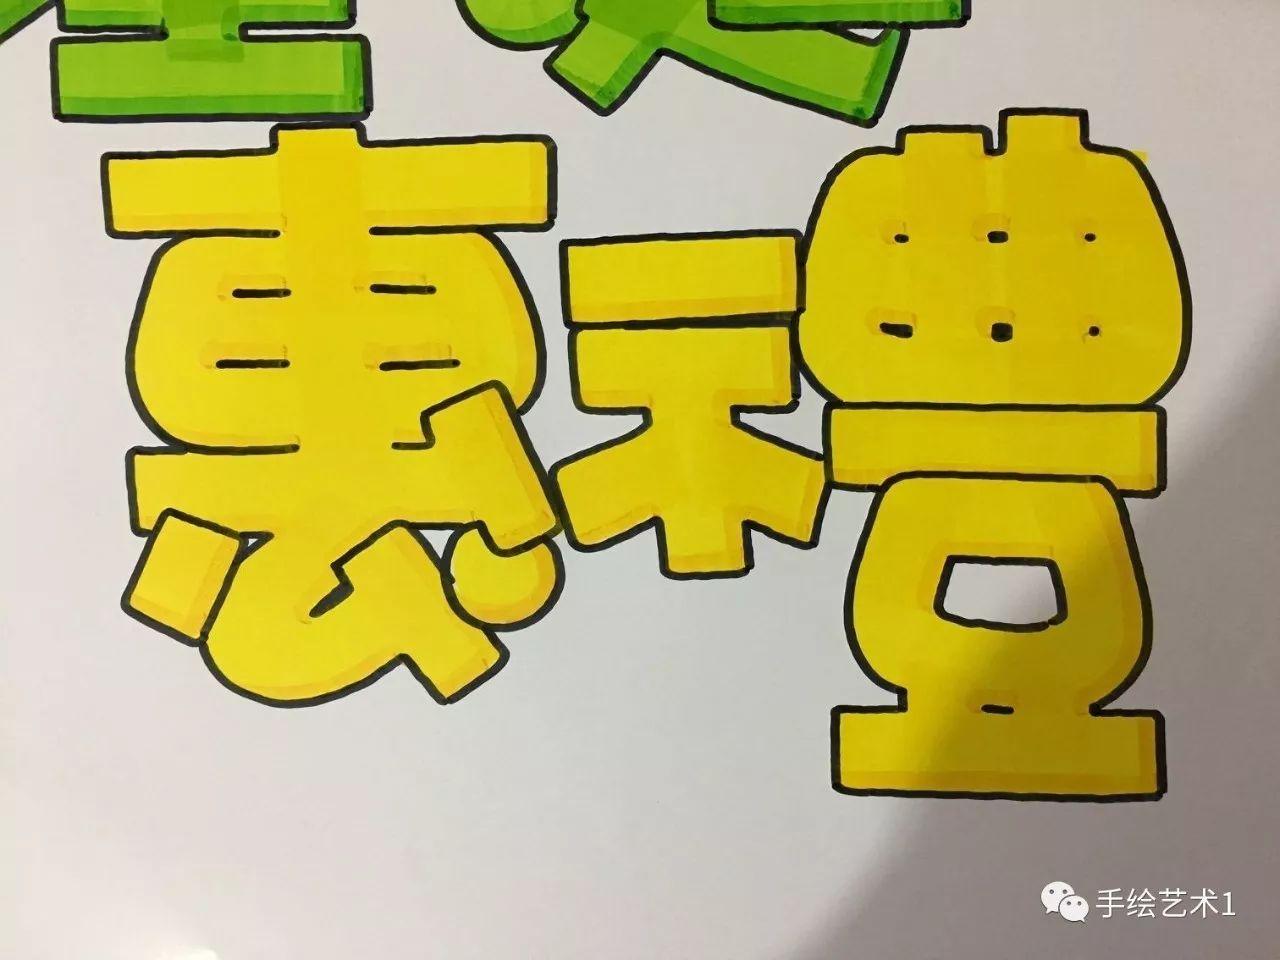 【手绘pop海报教程】周道湘老师为大家绘制圣诞快乐的门店海报